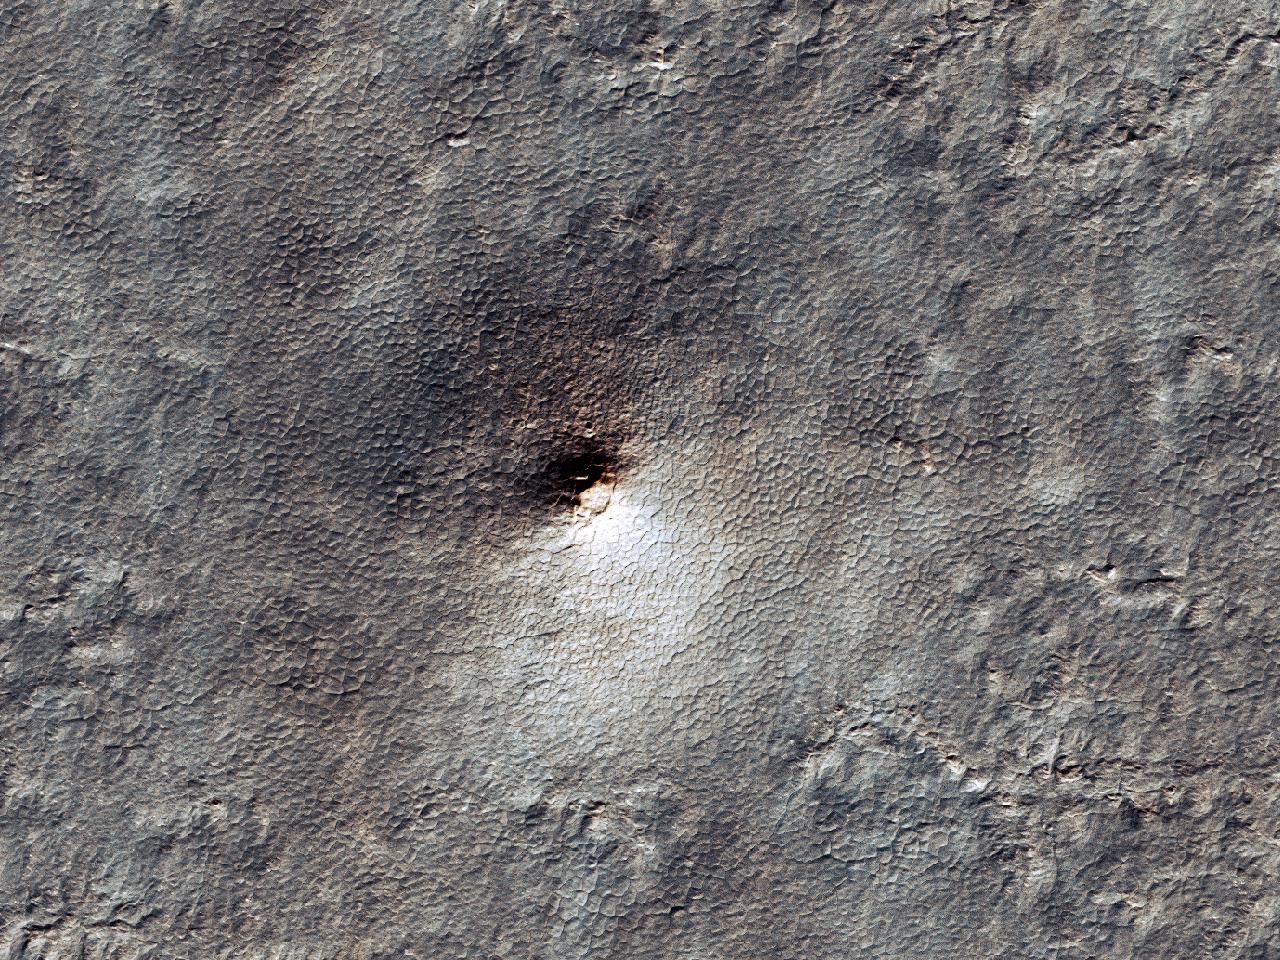 Предположительно, разрушенный ударный кратер